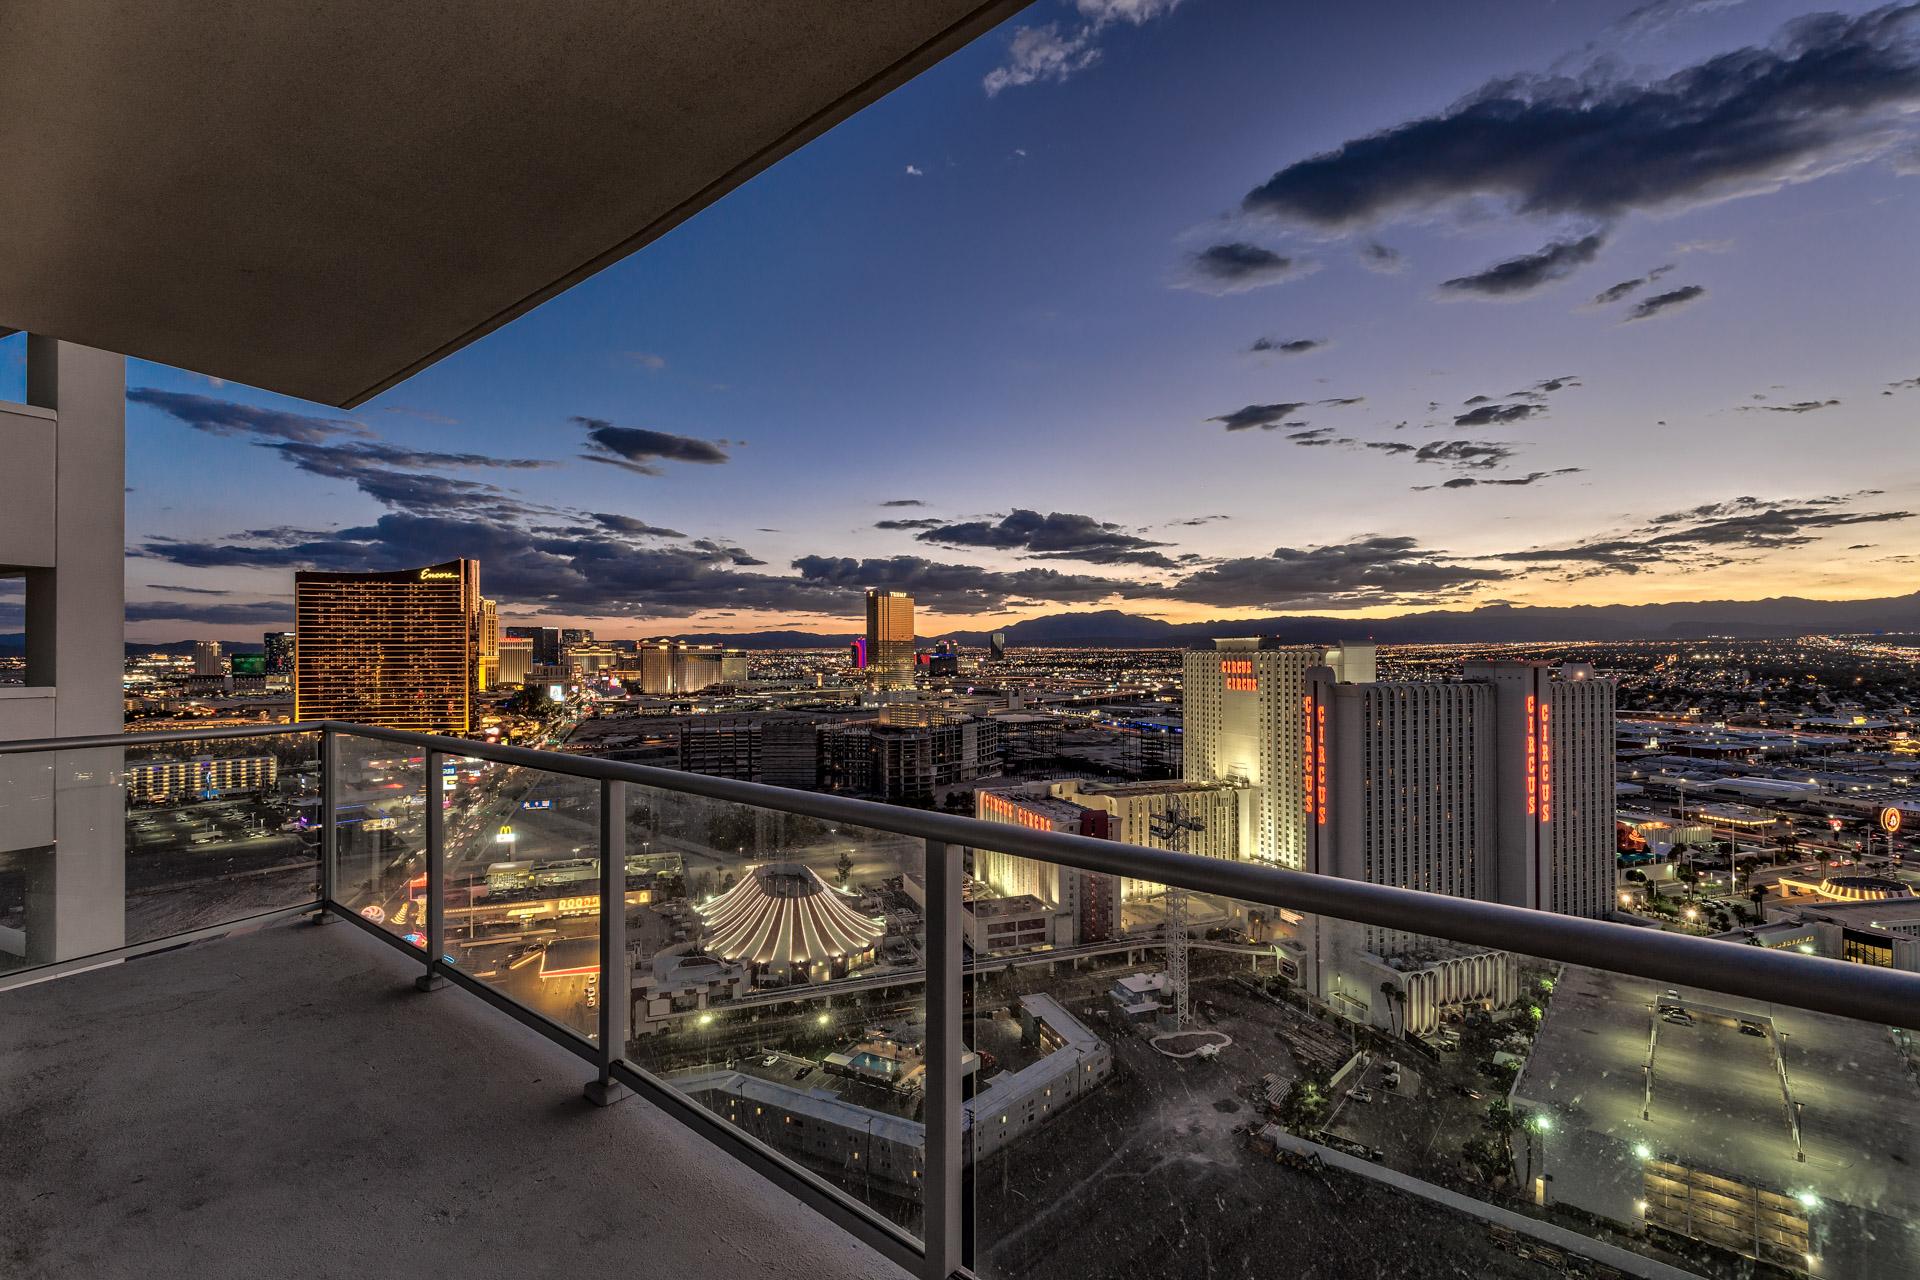 Sky Las Vegas Condos Las Vegas High Rise Condo Living Savi Realty